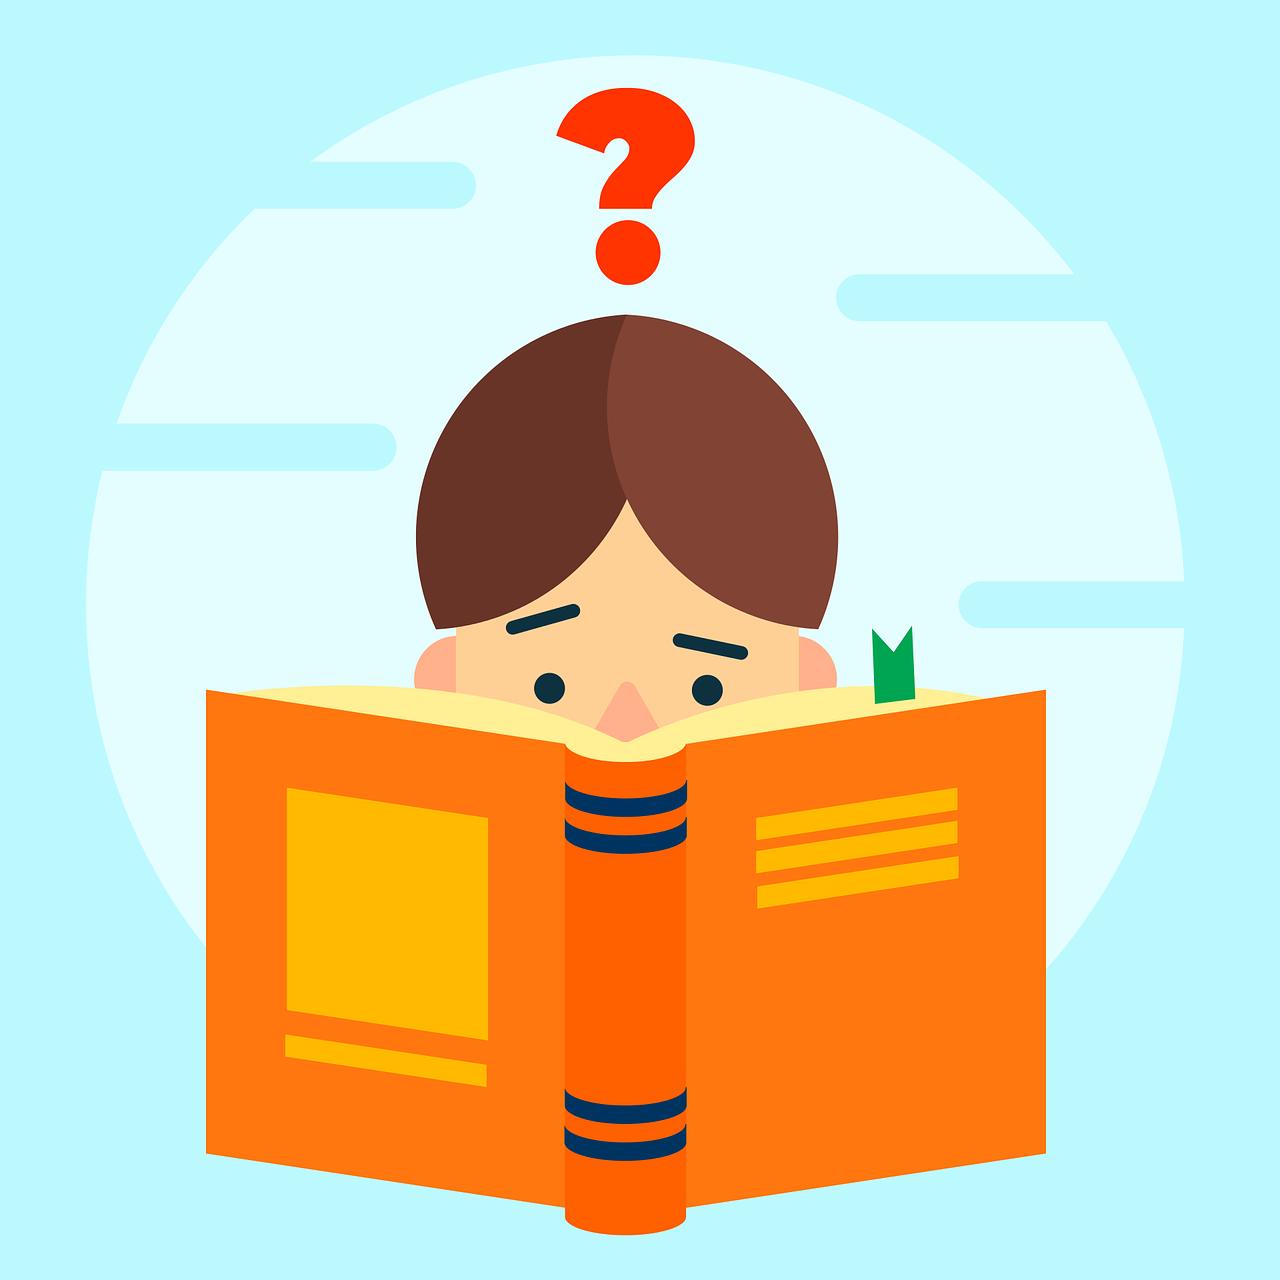 איך לאבחן לקויות למידה